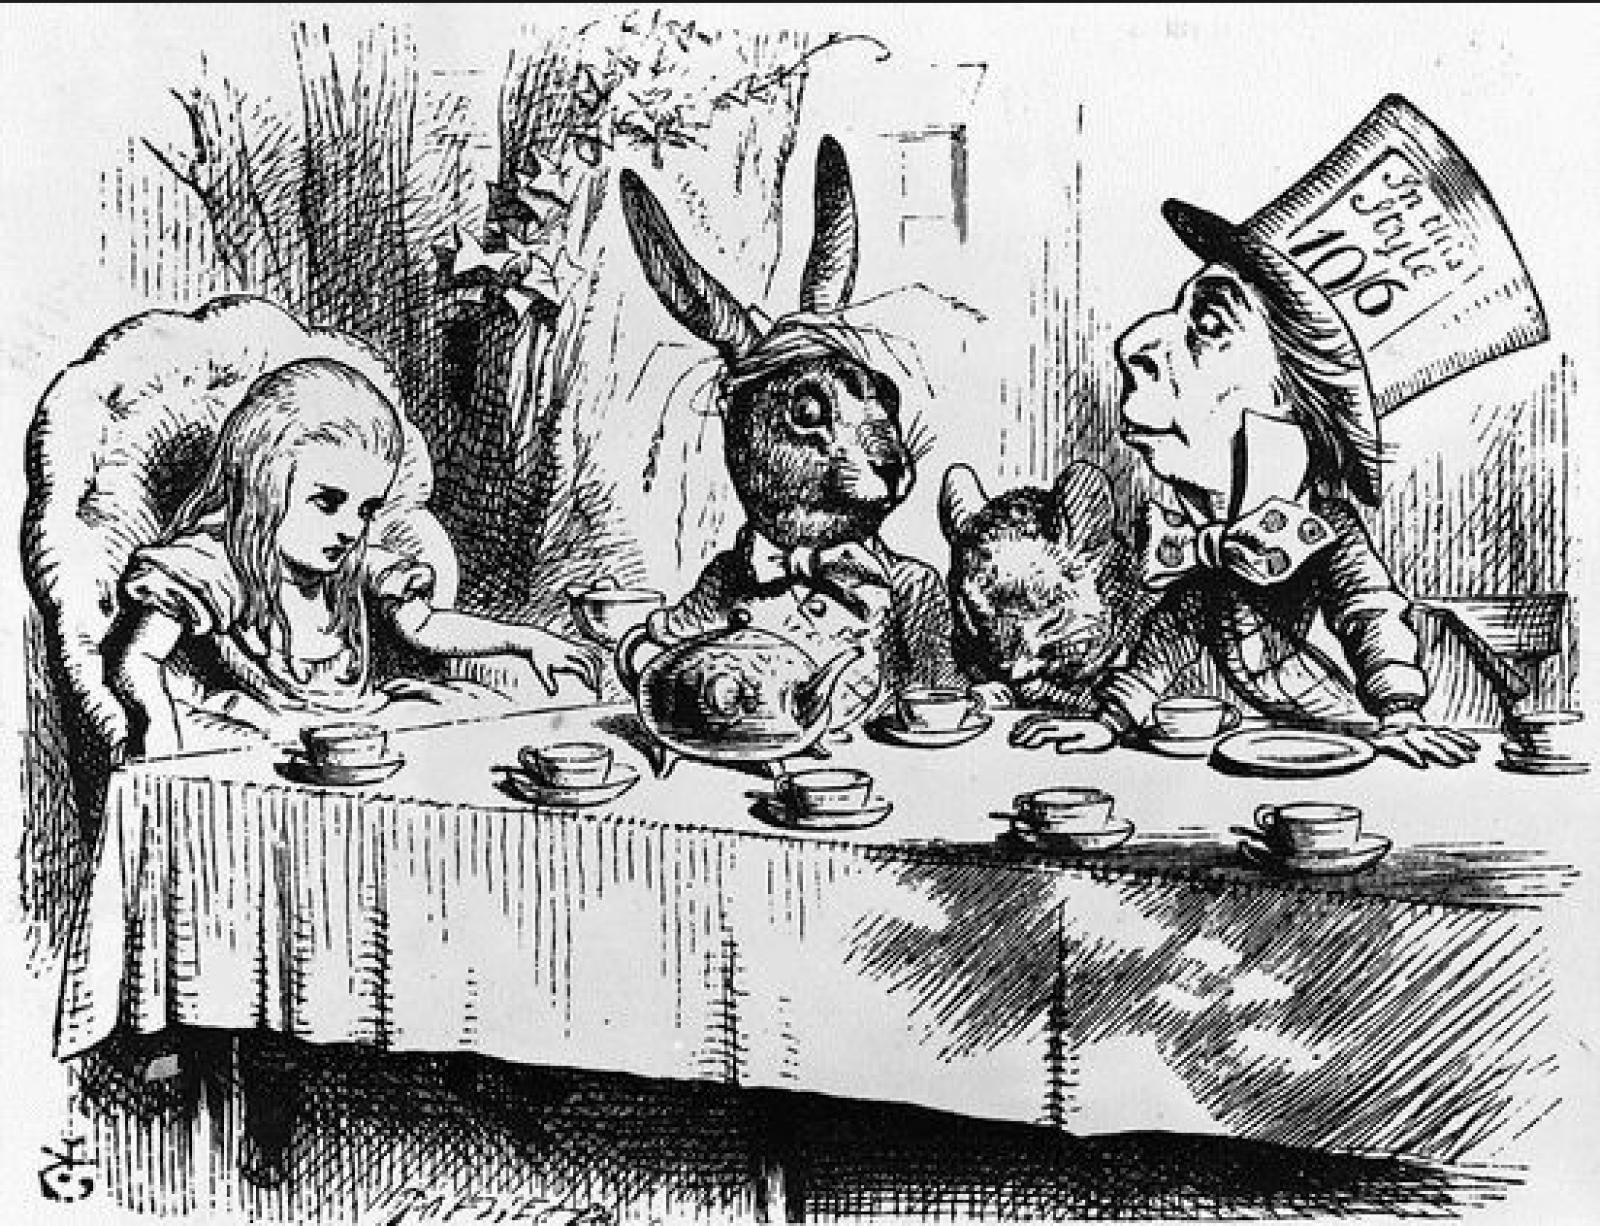 Alice au pays des merveilles de Lewis Carroll a 150 ans!